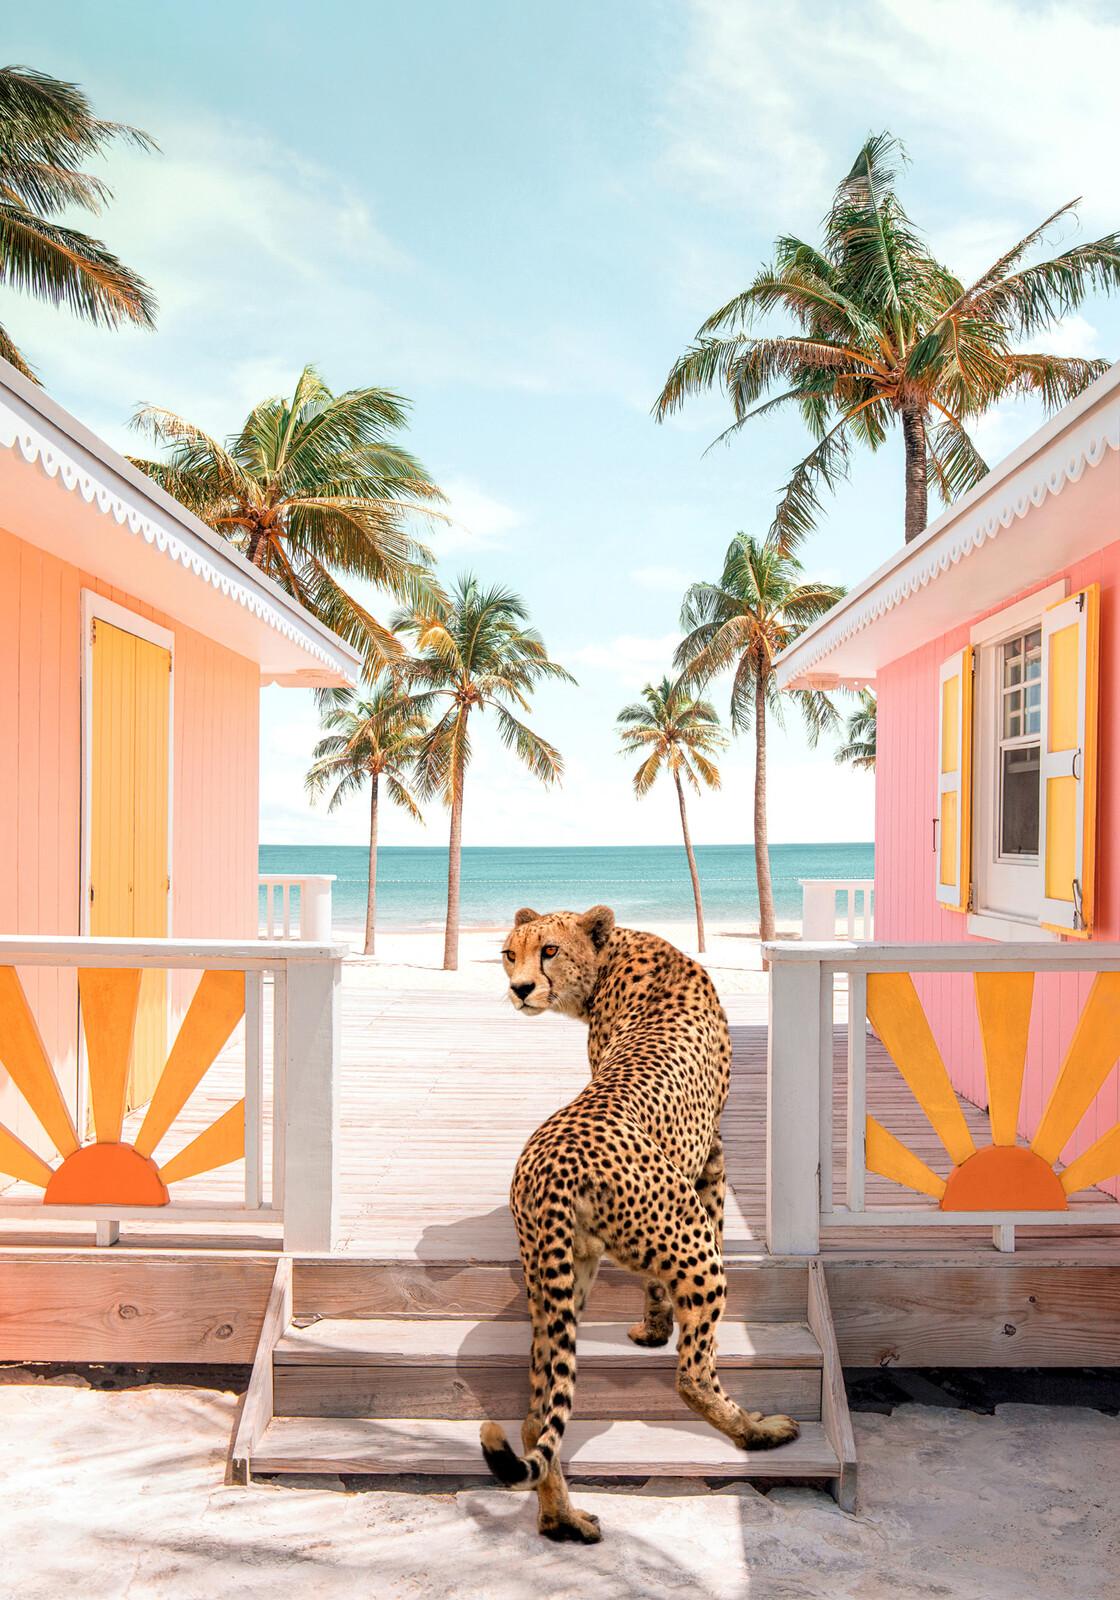 Sunny Beach - Paul Fuentes